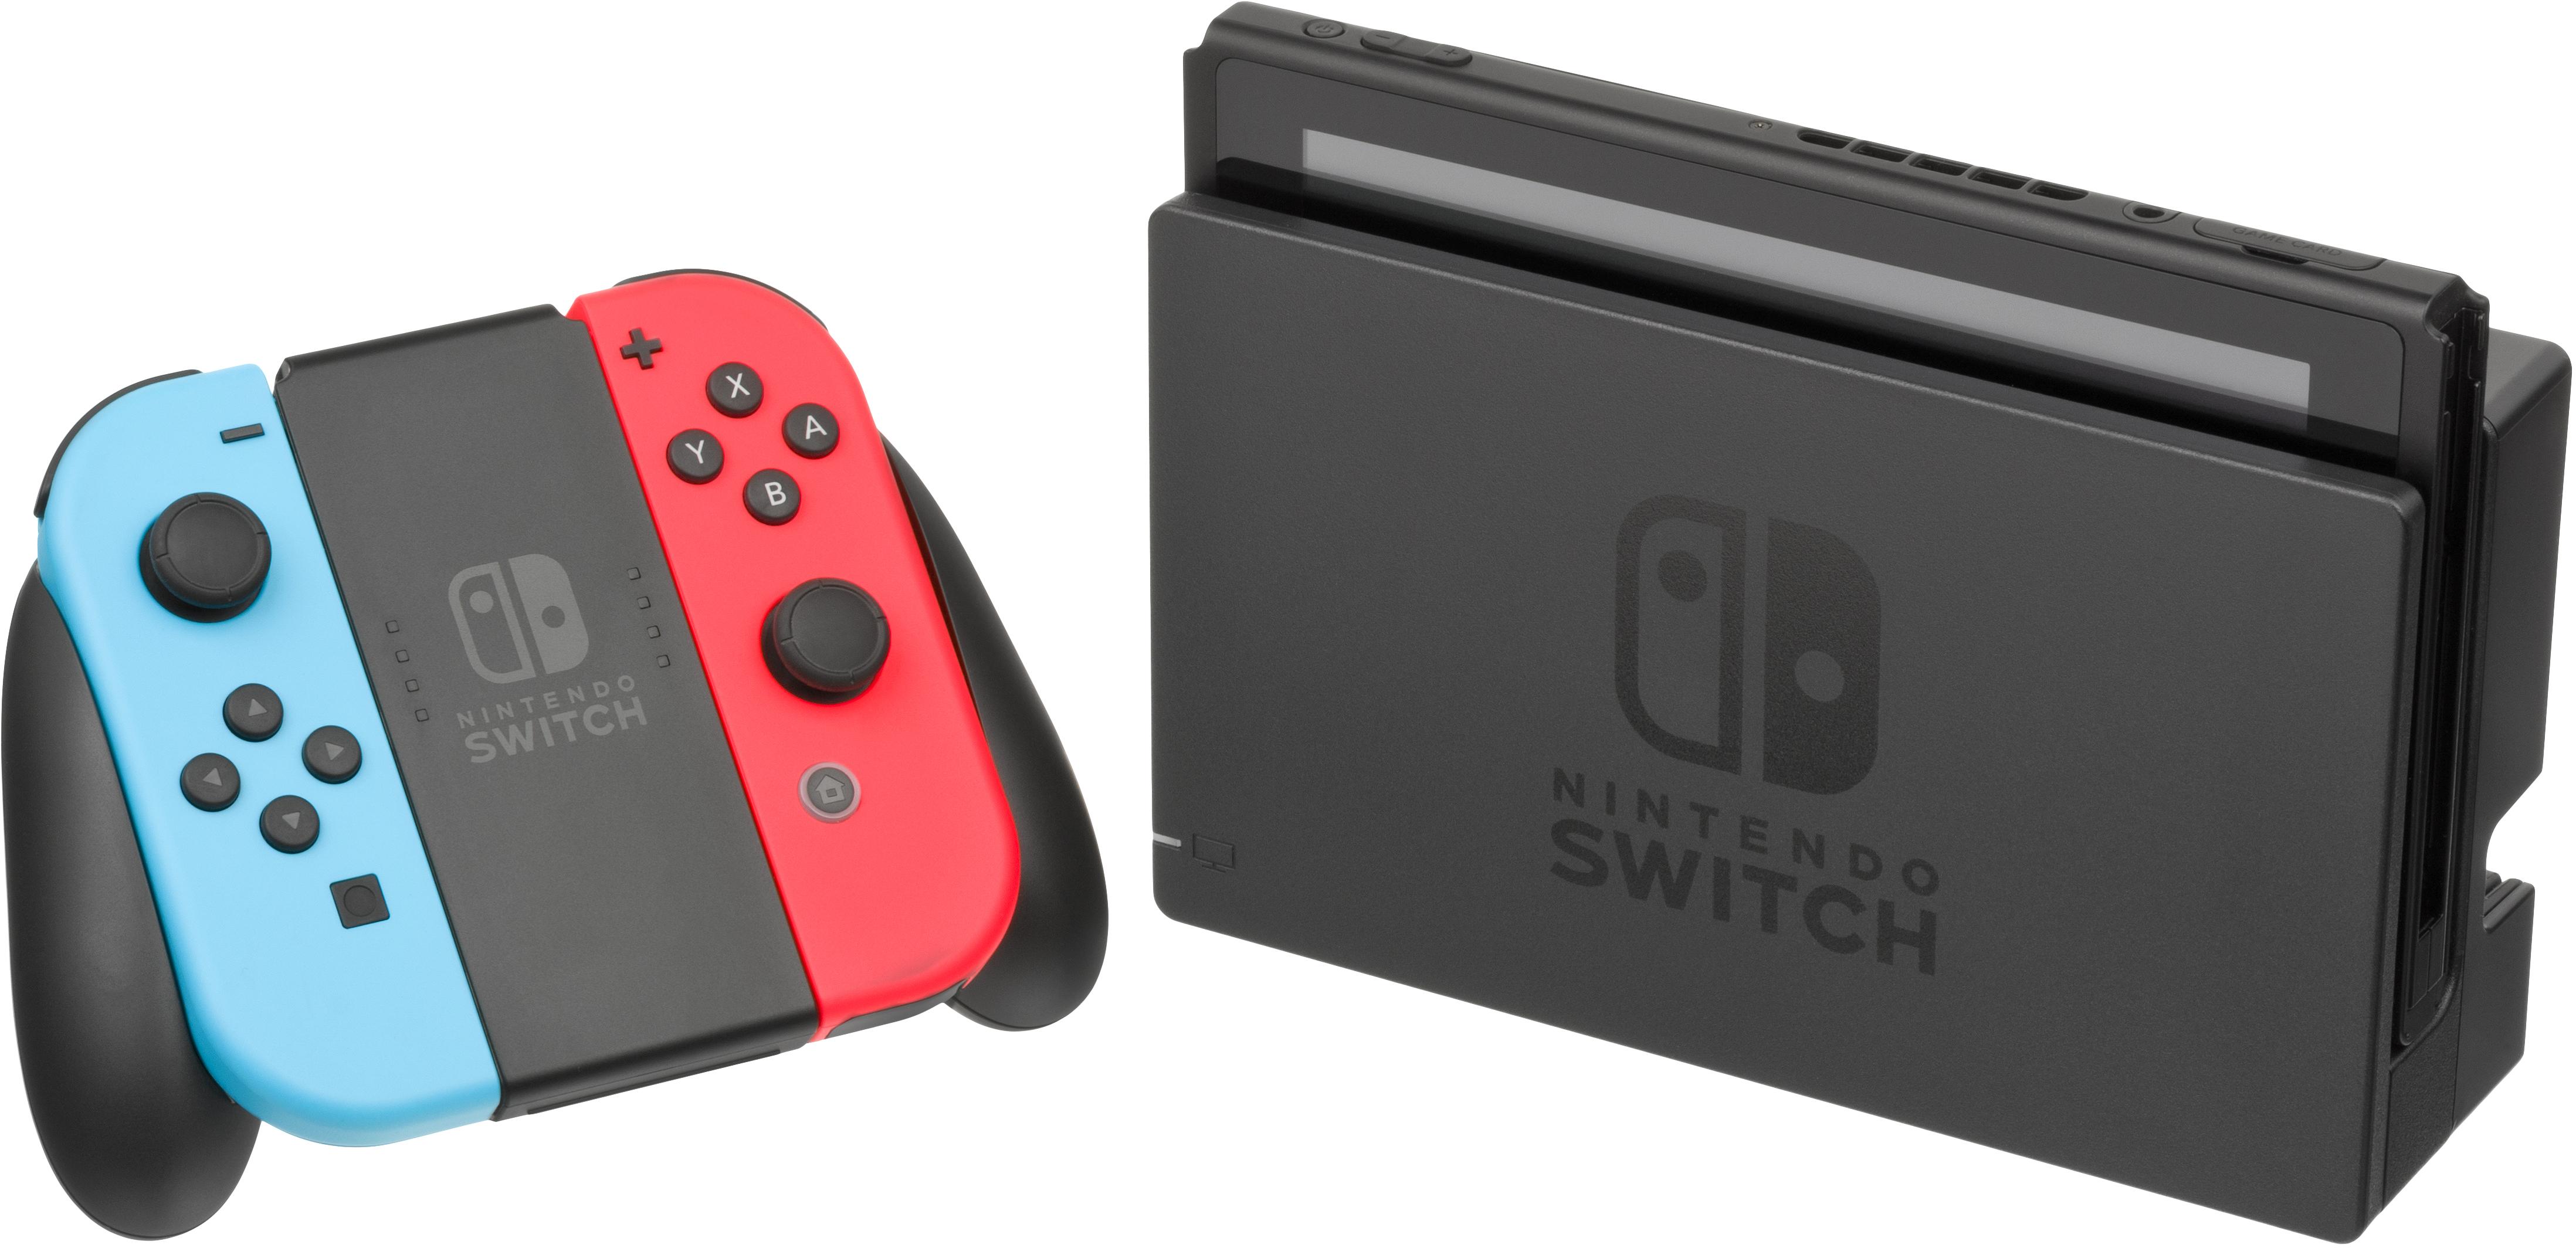 故障 コントローラー 任天堂 スイッチ Switch Liteが故障したので任天堂へ修理に出しました。